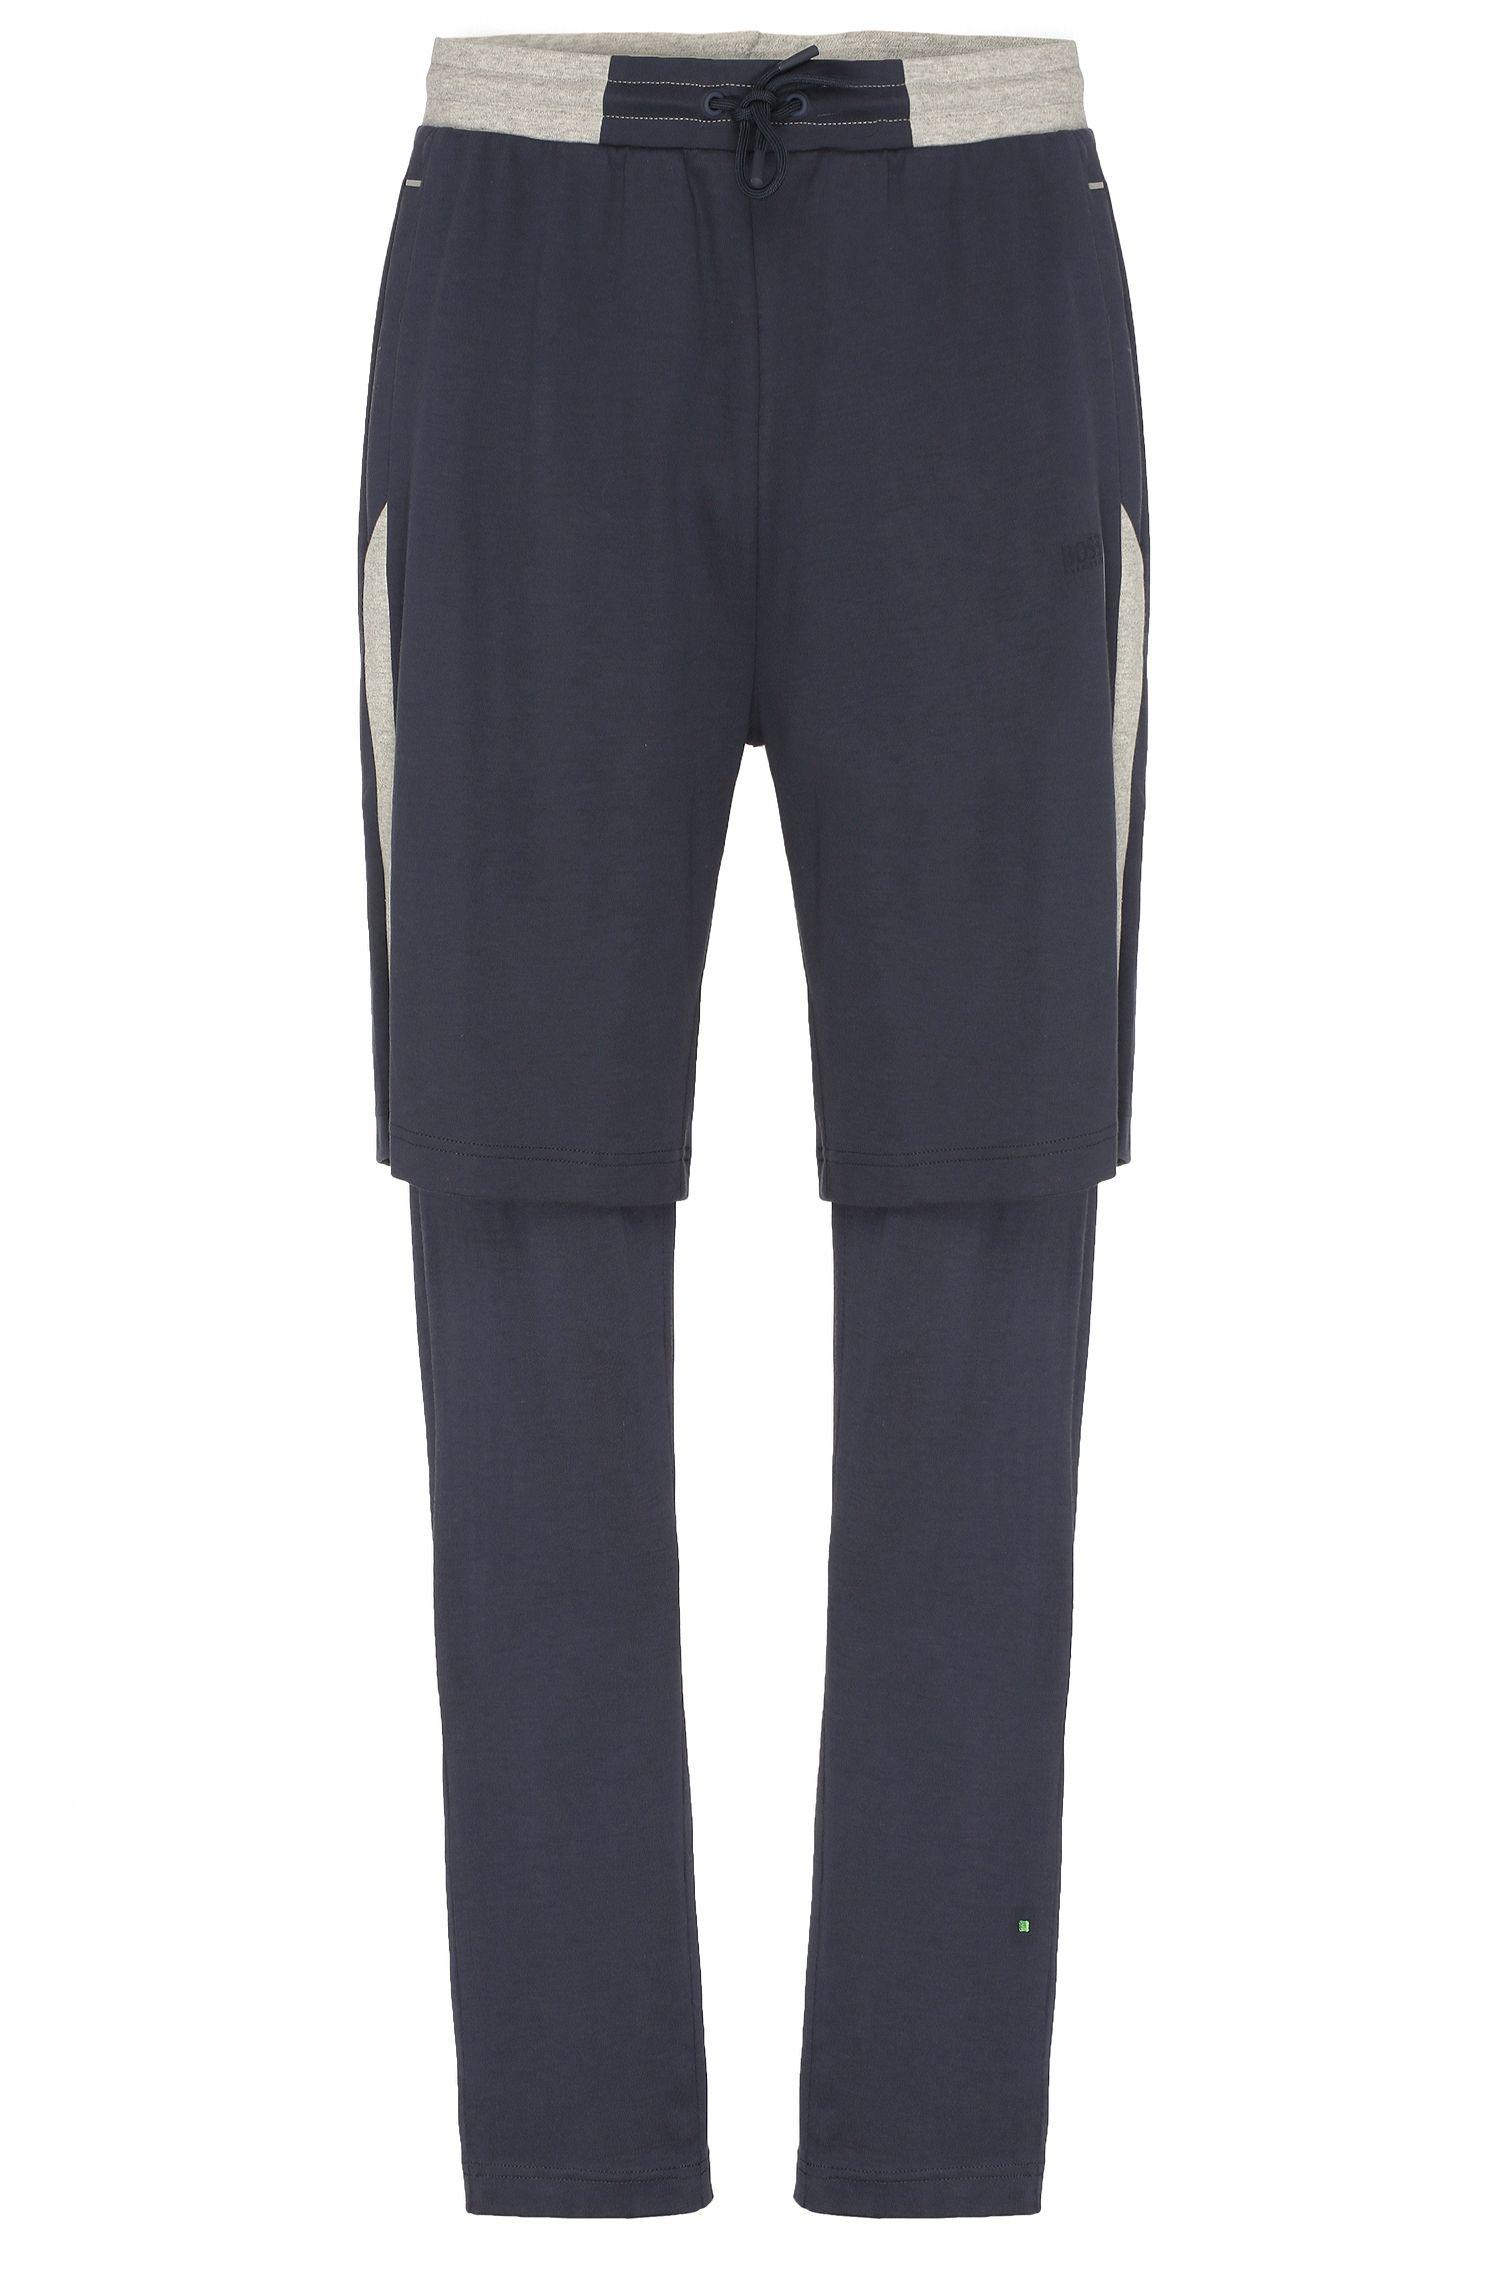 Shorts de punto regular fit en algodón con pantalón cosido: 'Halvar'